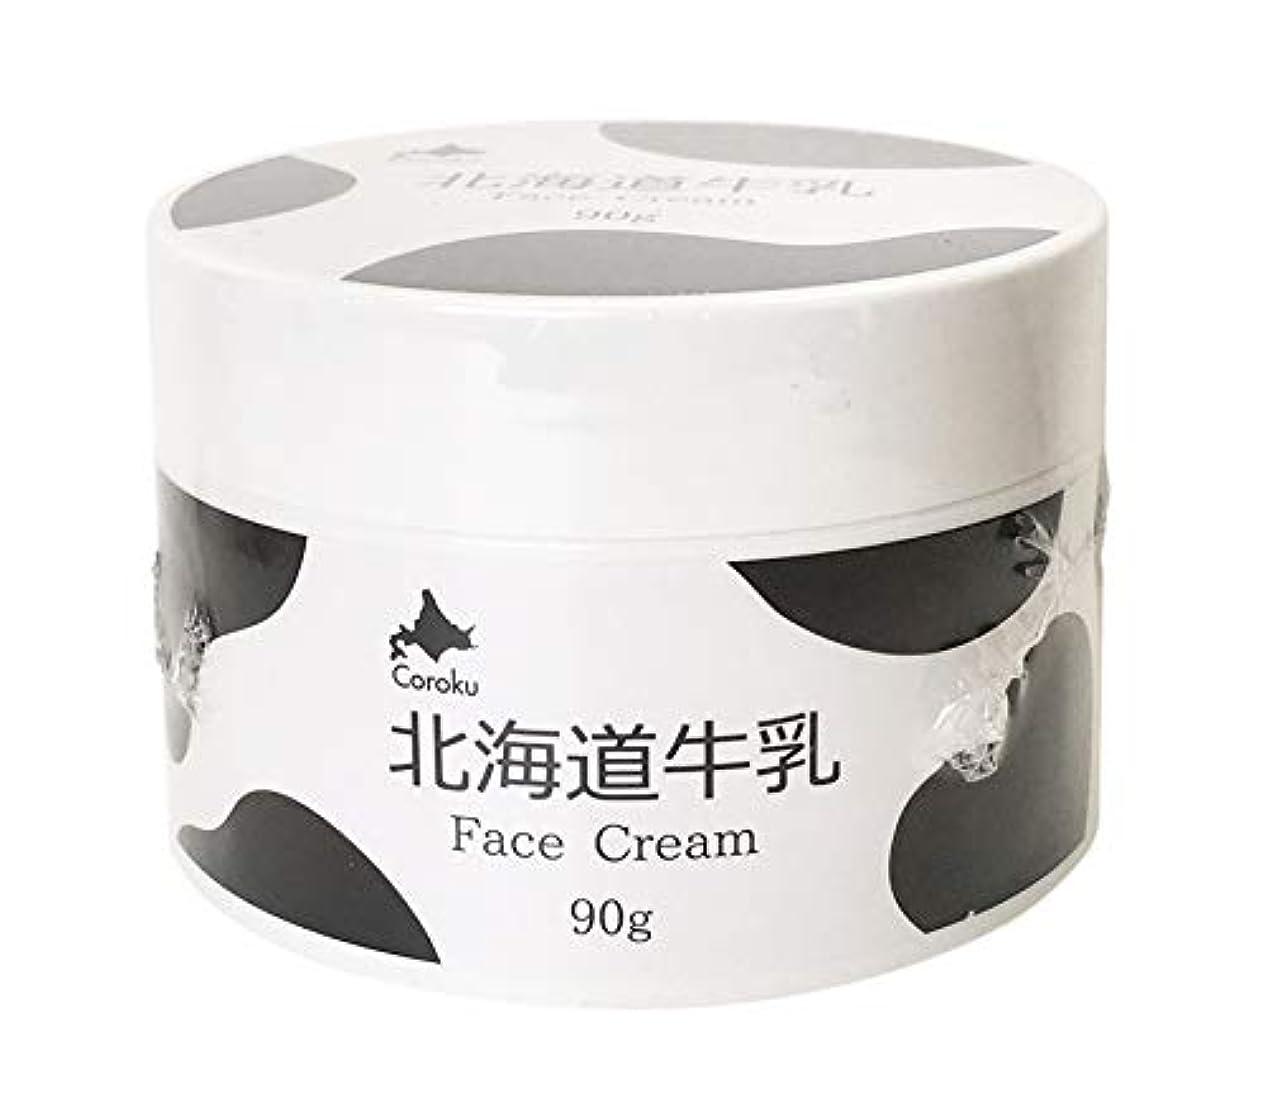 つかいますみすぼらしい代替北海道牛乳 フェイスクリーム FACE CREAM 90g